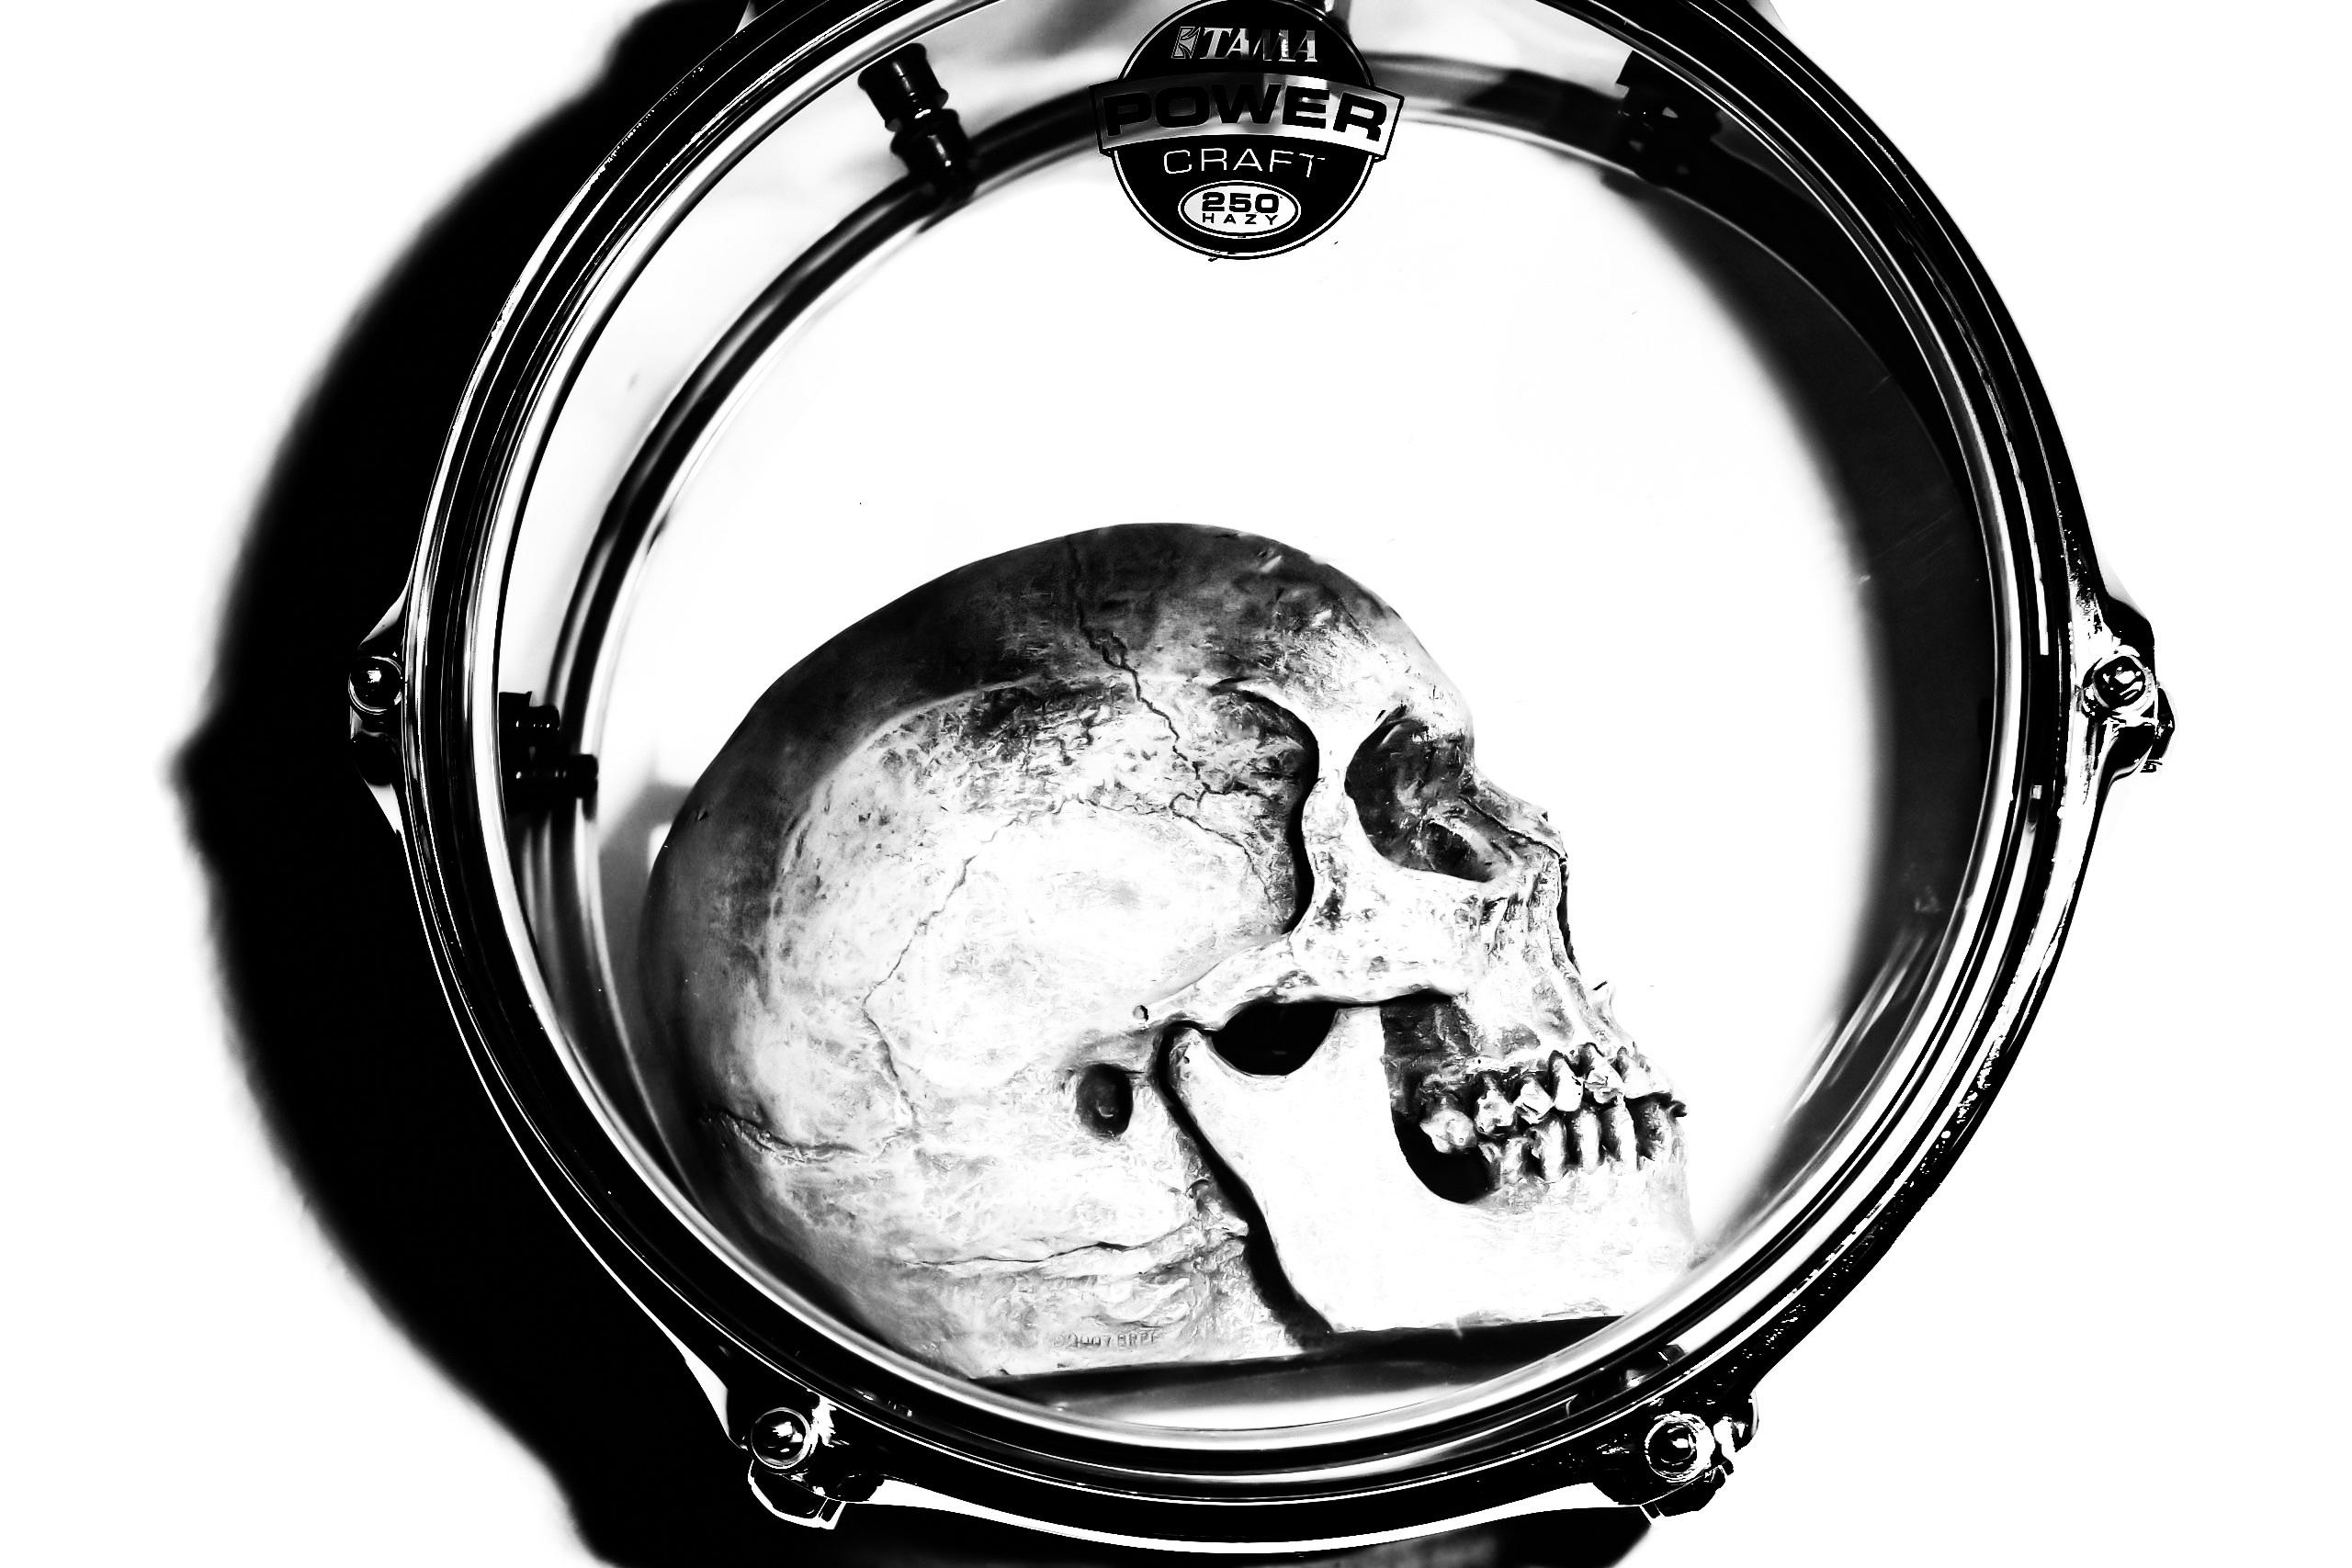 Kostenlose foto : Hand, Schwarz und weiß, klar, Ohr, Trommel ...